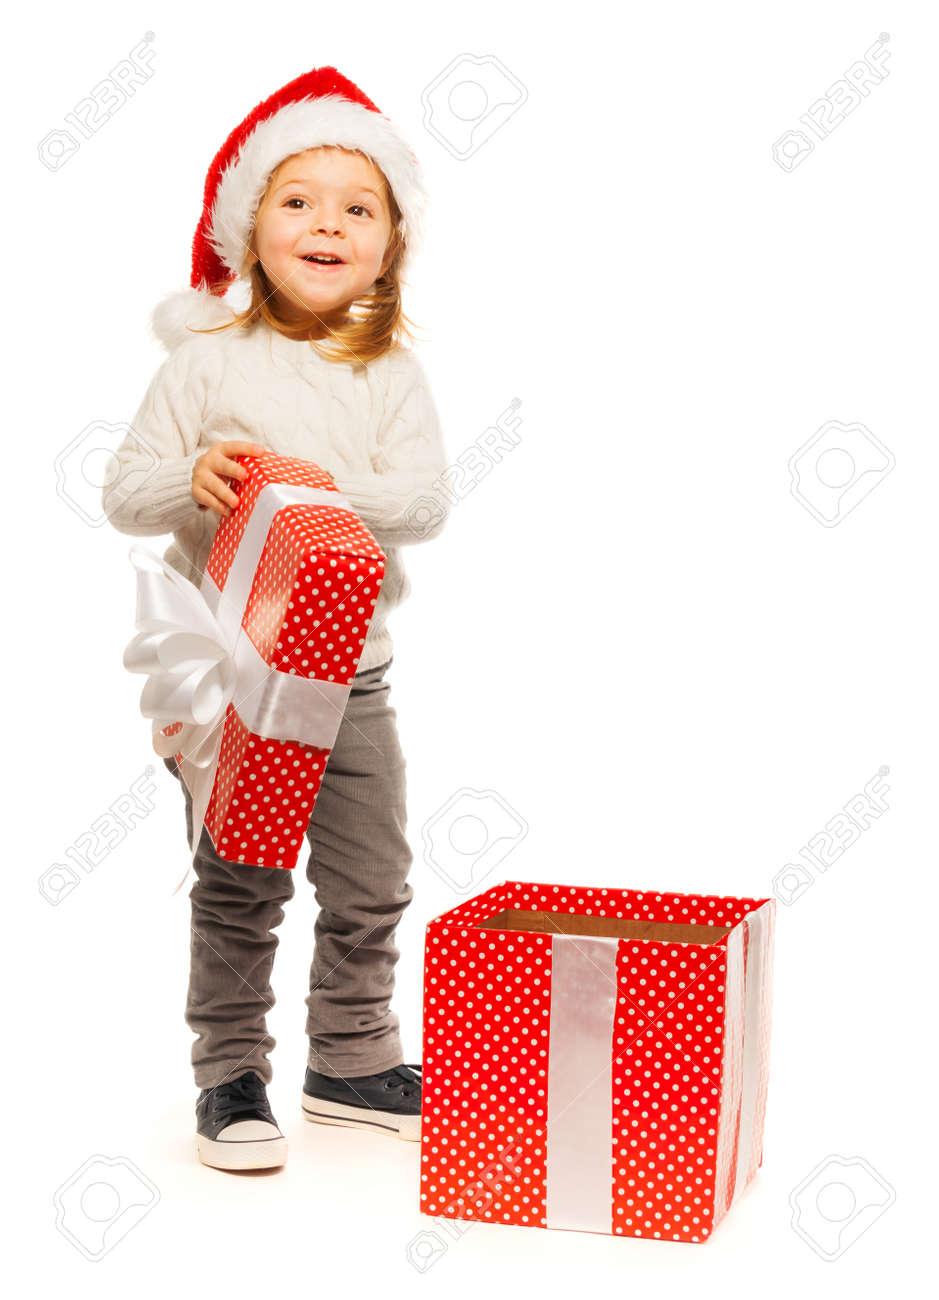 Berraschte Schöne 3 Jahre Alt Blonde Mädchen, Das Ihr Geschenk Zu ...